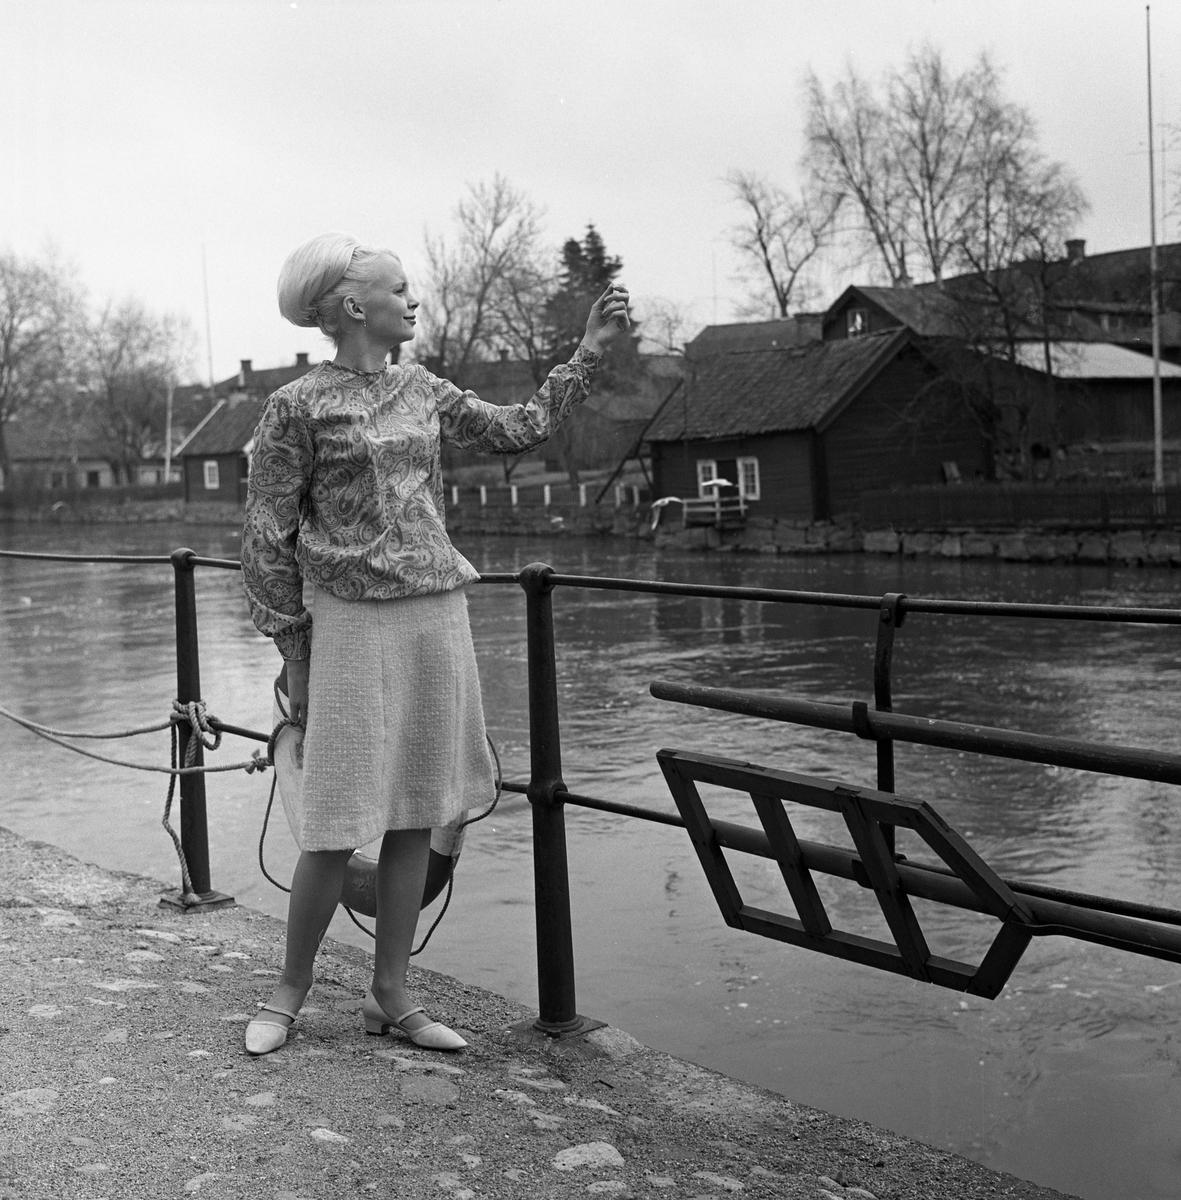 Ateljé Touche. Pia Haglind visar mode, här i kjol och blus. Bilden är tagen på norra sidan av Arbogaån.